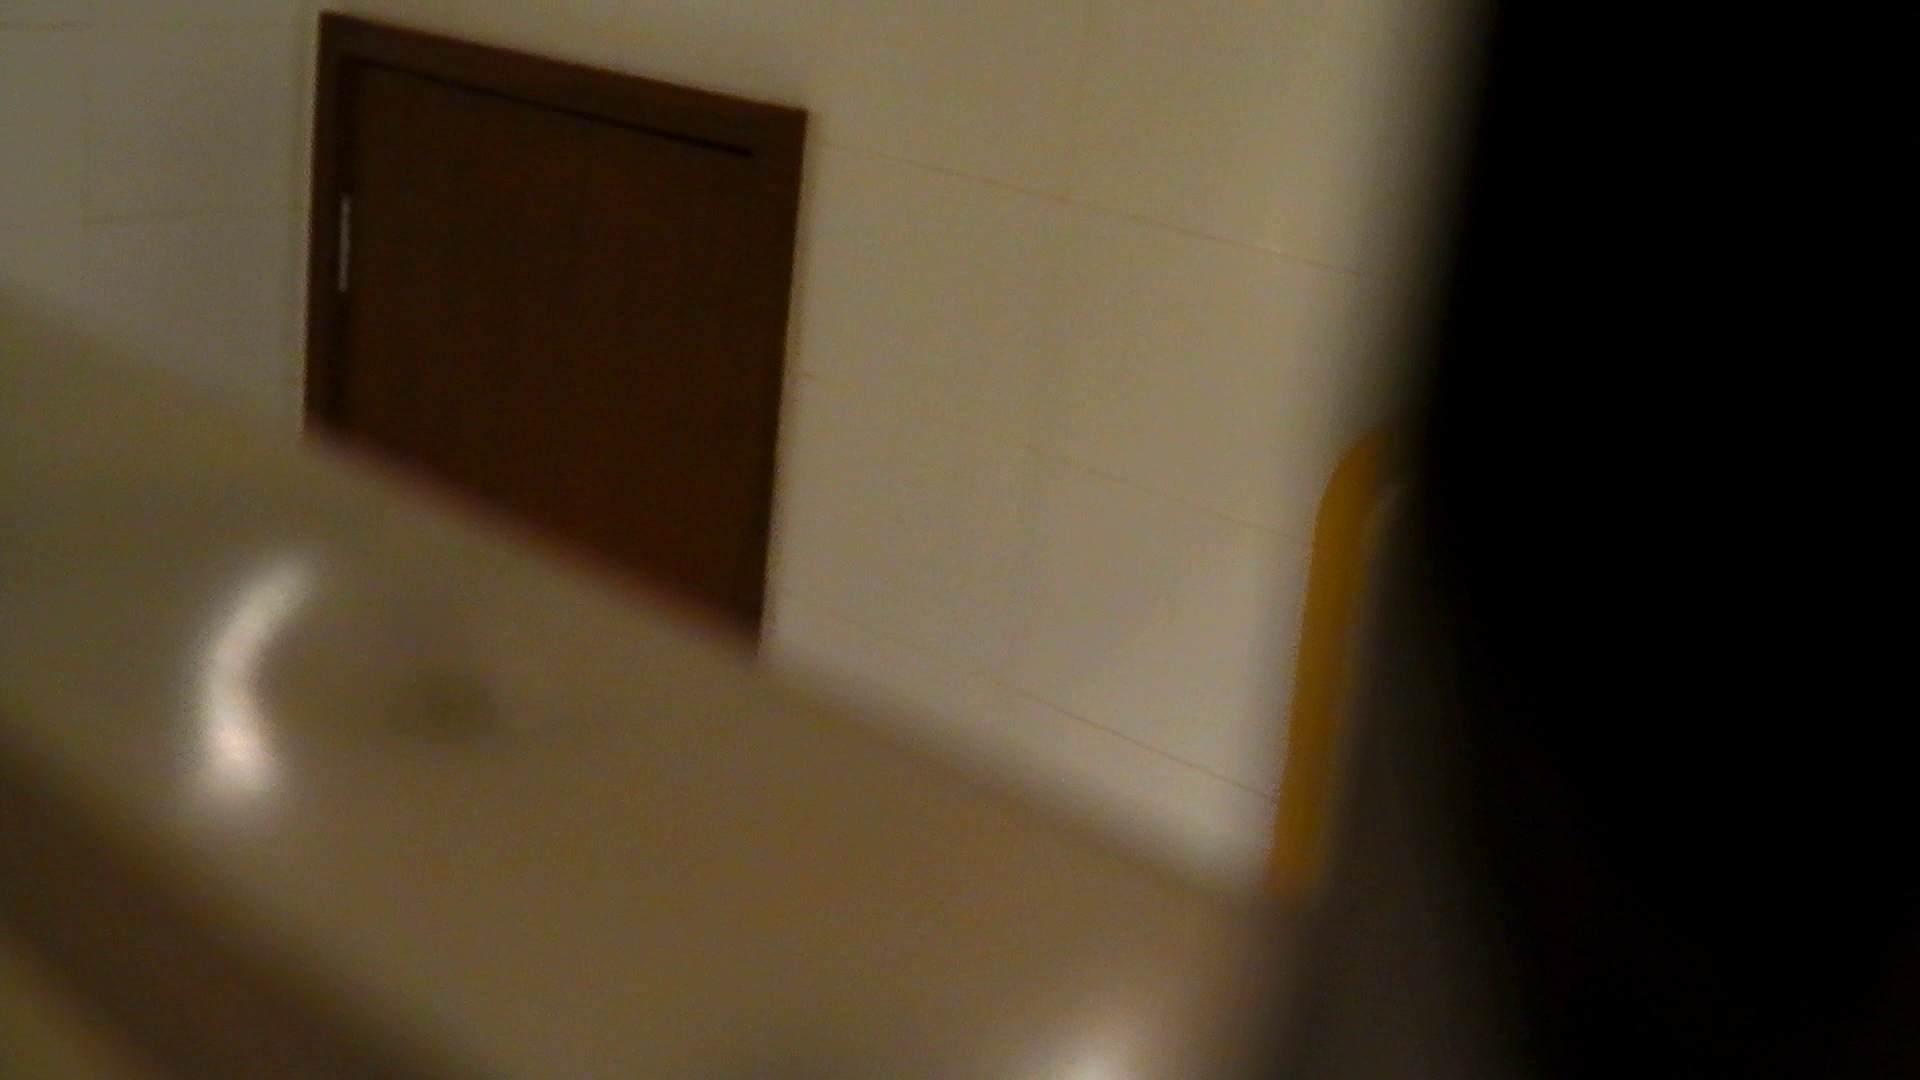 洗寿観音さんの 化粧室は四面楚歌Nol.4 洗面所 | 色っぽいOL達  104pic 95